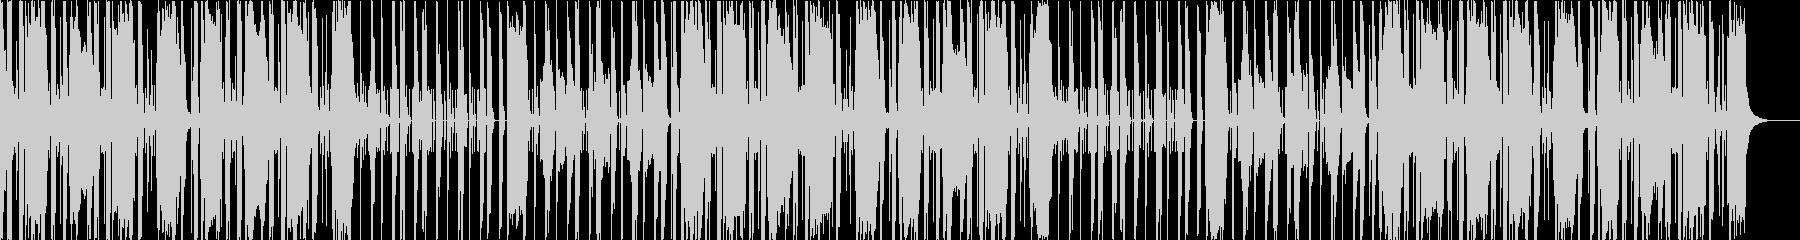 おしゃれなKawaiiHipHopの未再生の波形